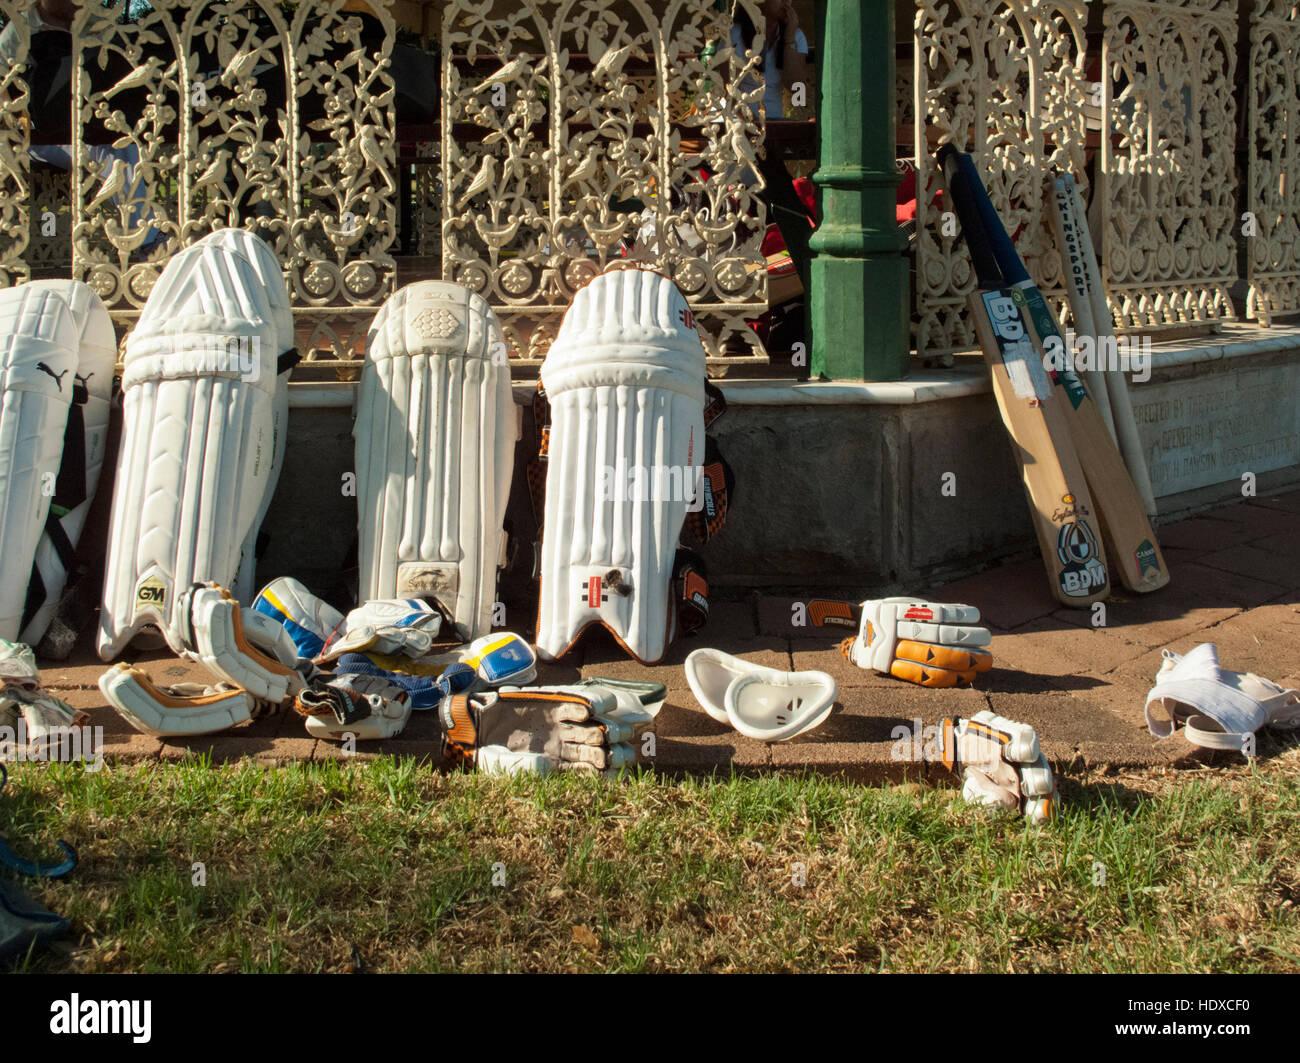 Guantes de cricket bat y almohadillas inclinándose hacia arriba contra la verja de hierro decorativo en la luz de la tarde Foto de stock